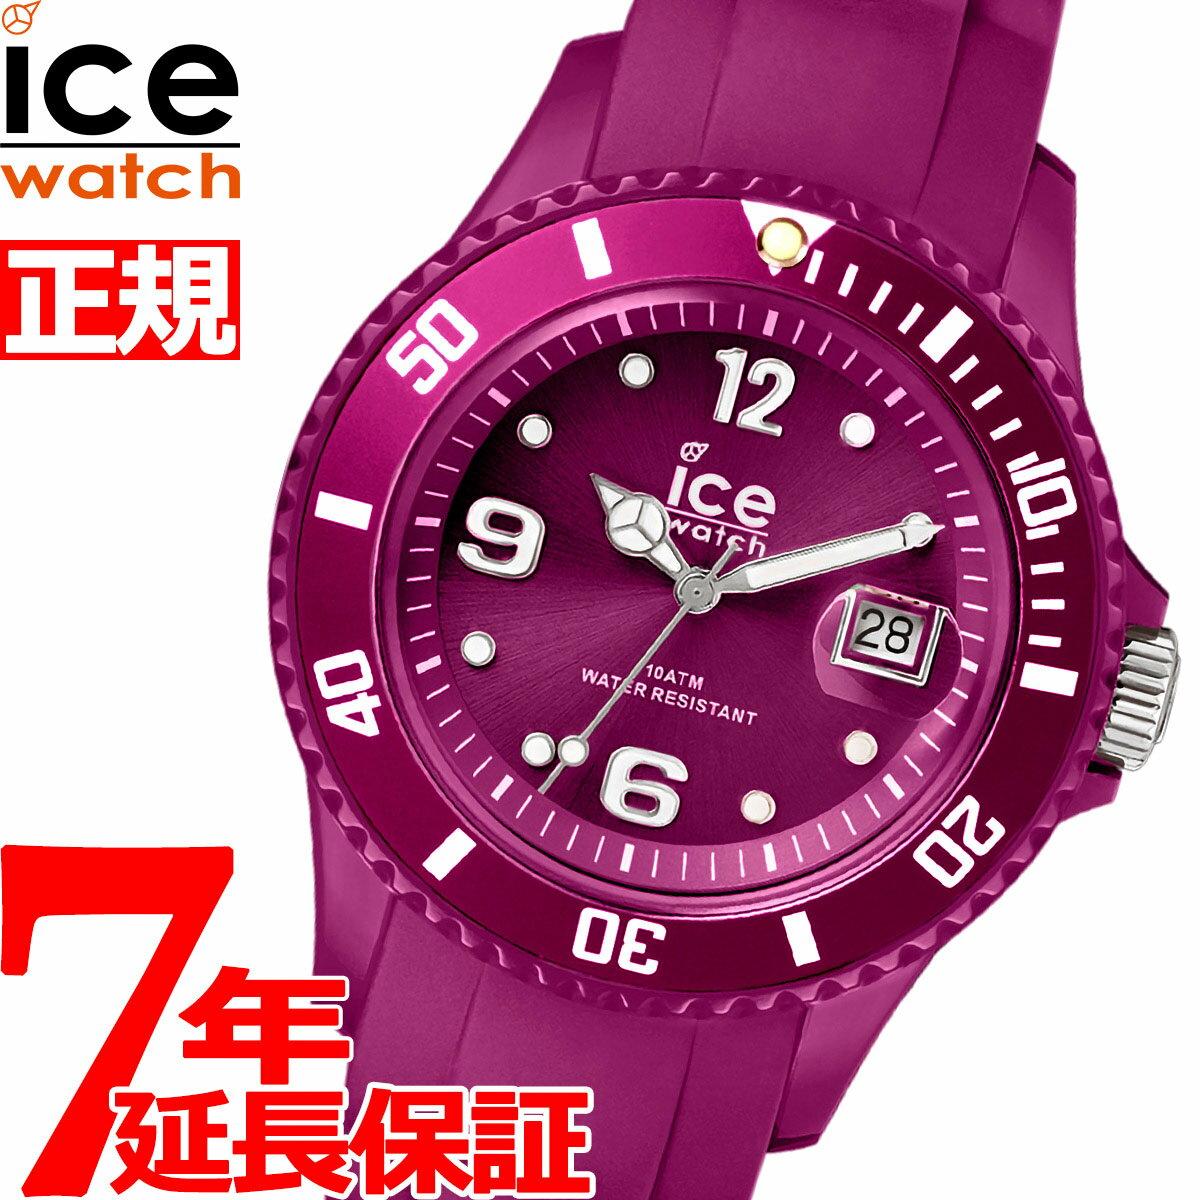 腕時計, 男女兼用腕時計 35.5 ICE-WATCH ICE grace Graceful red 0186512020